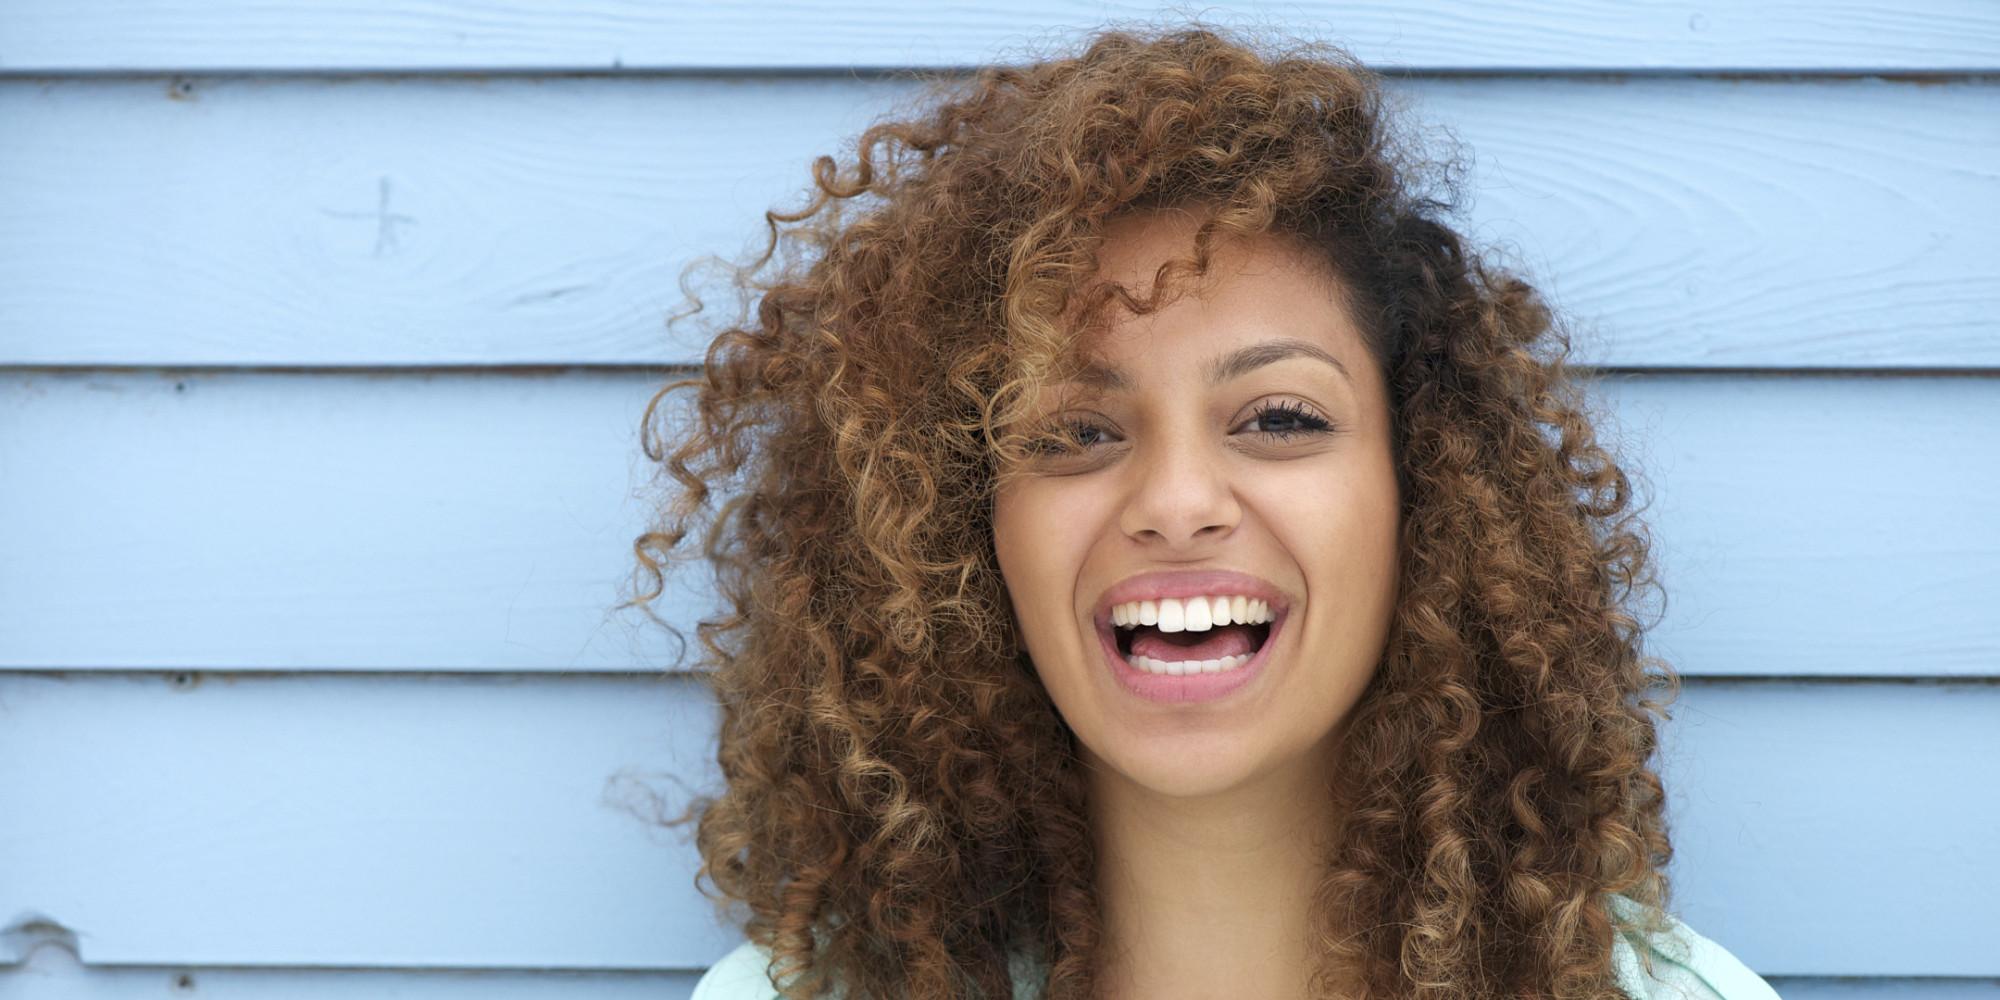 curlywomanlaughing